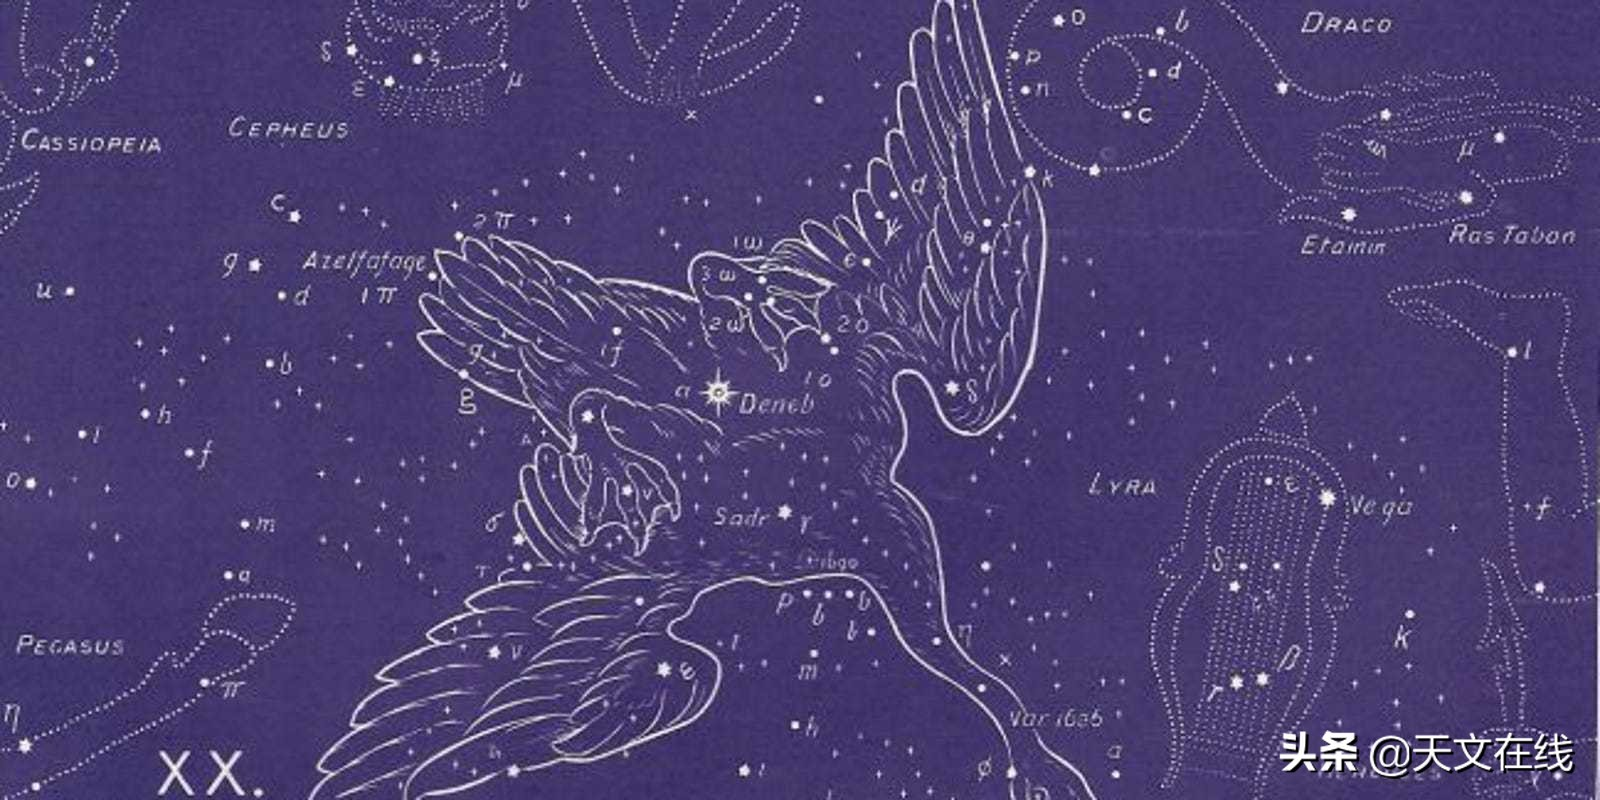 请定好您的闹钟,晚上!我们一起欣赏下天津四,它是天鹅座的尾巴